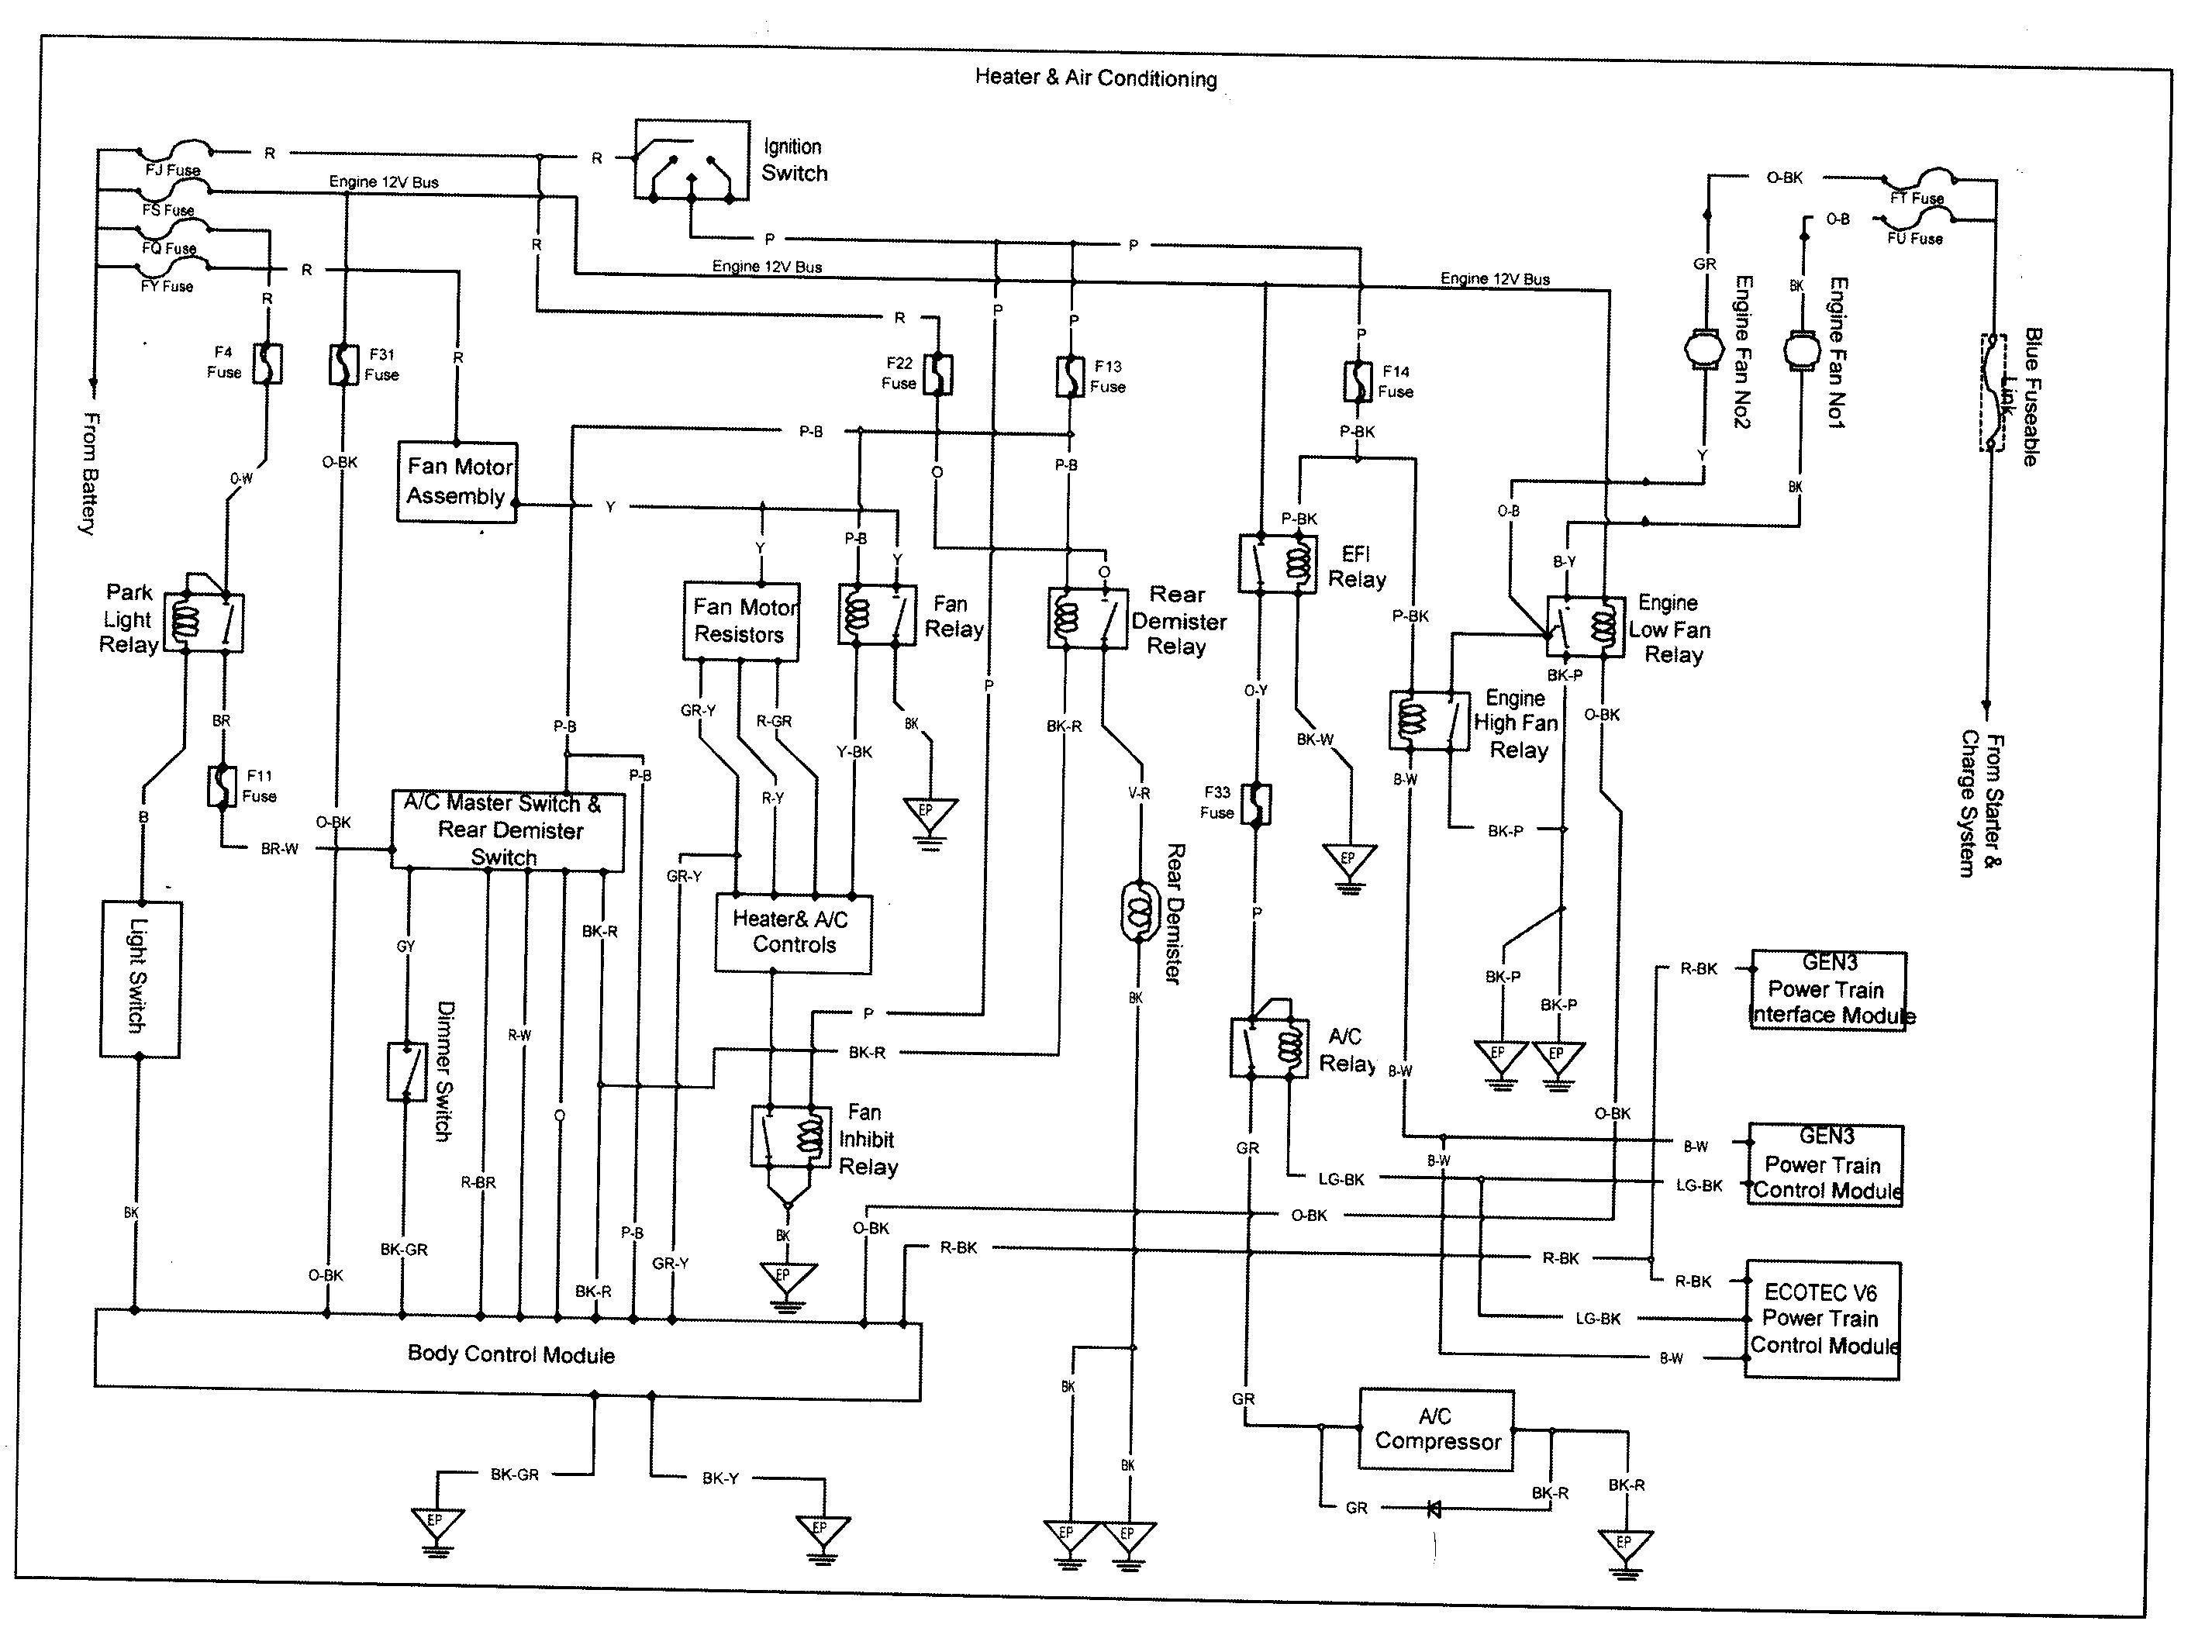 vt wiring diagram kawasaki bayou full vy gen 3 diagrams